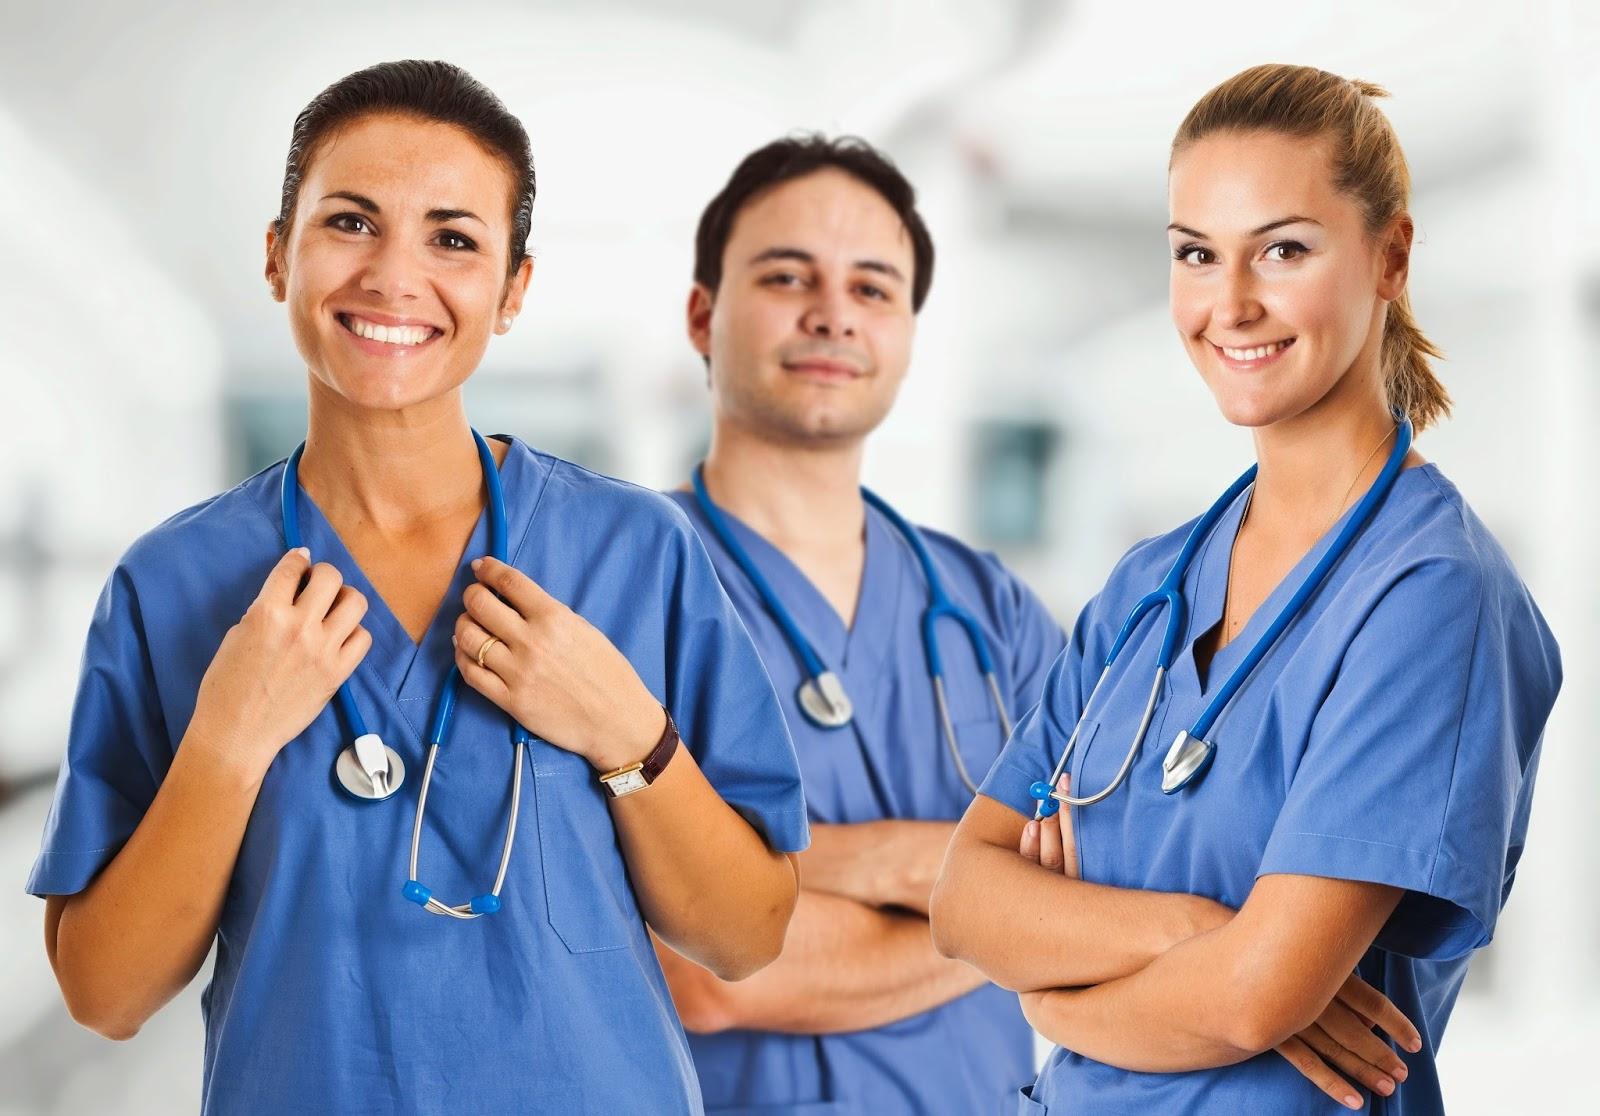 """La Federazione degli infermieri interviene sul contratto: """"Dopo dieci anni di assenza non è solo un problema di rinnovo ma è questione di dignità professionale"""""""